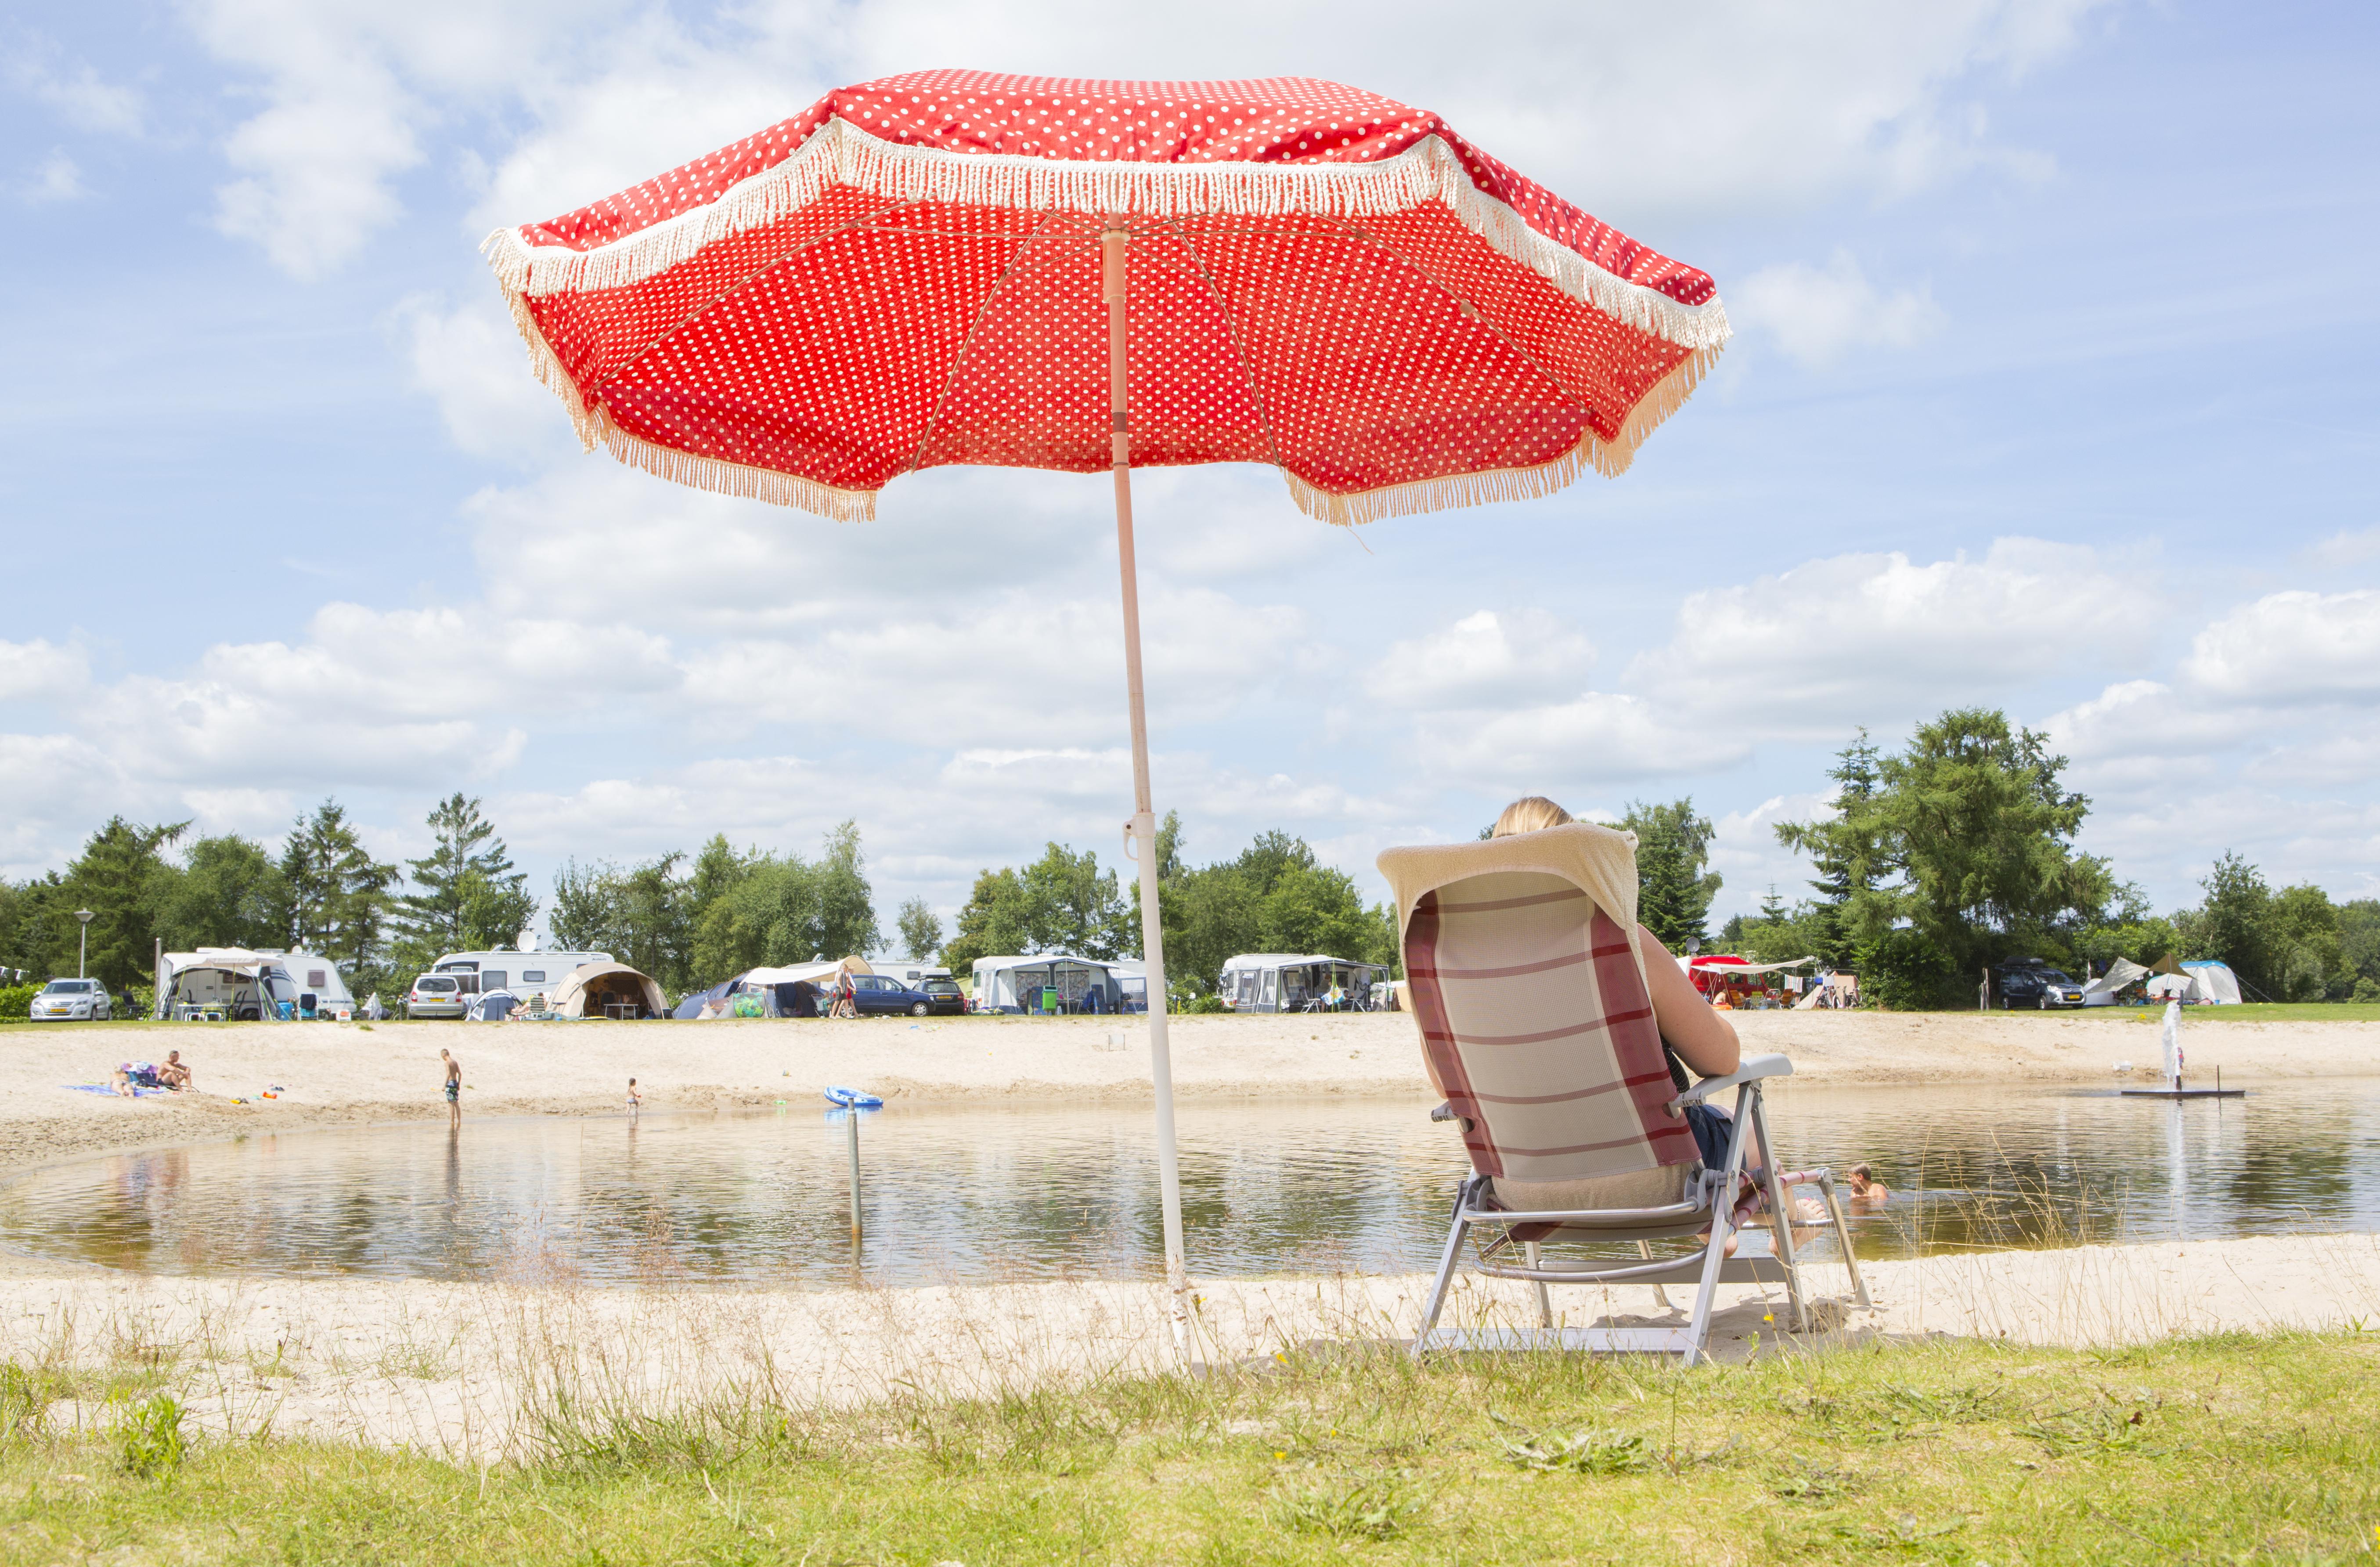 Vakantie in Overijssel boeken 2019 - Vakantie in Overijssel boeken 2019